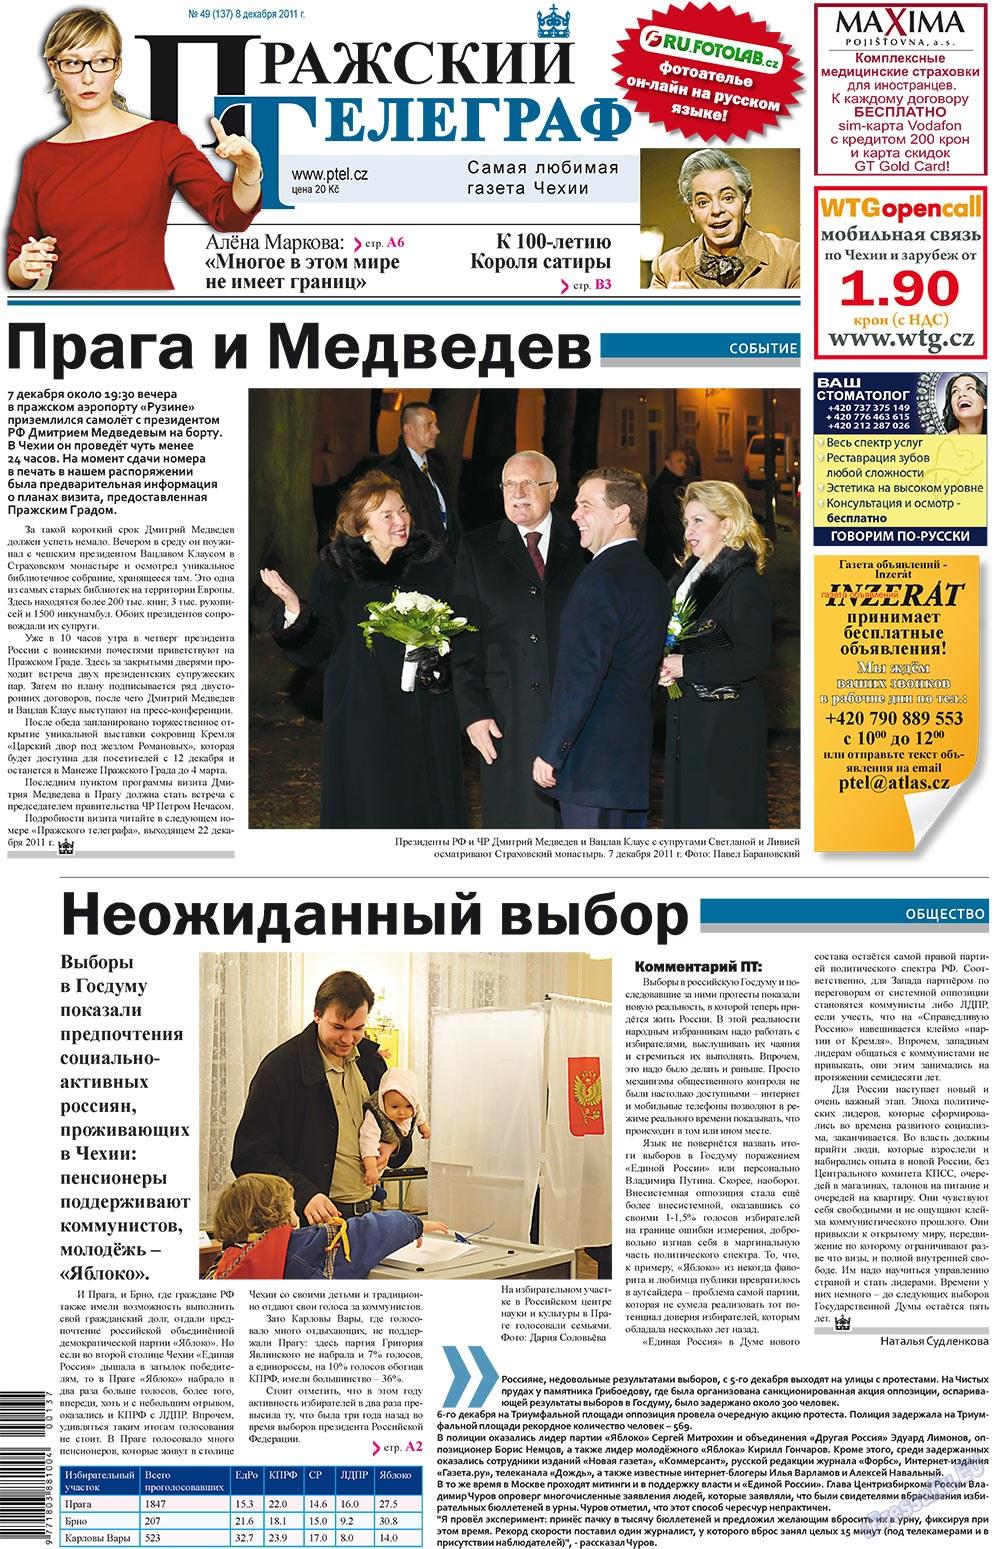 Пражский телеграф (газета). 2011 год, номер 49, стр. 1